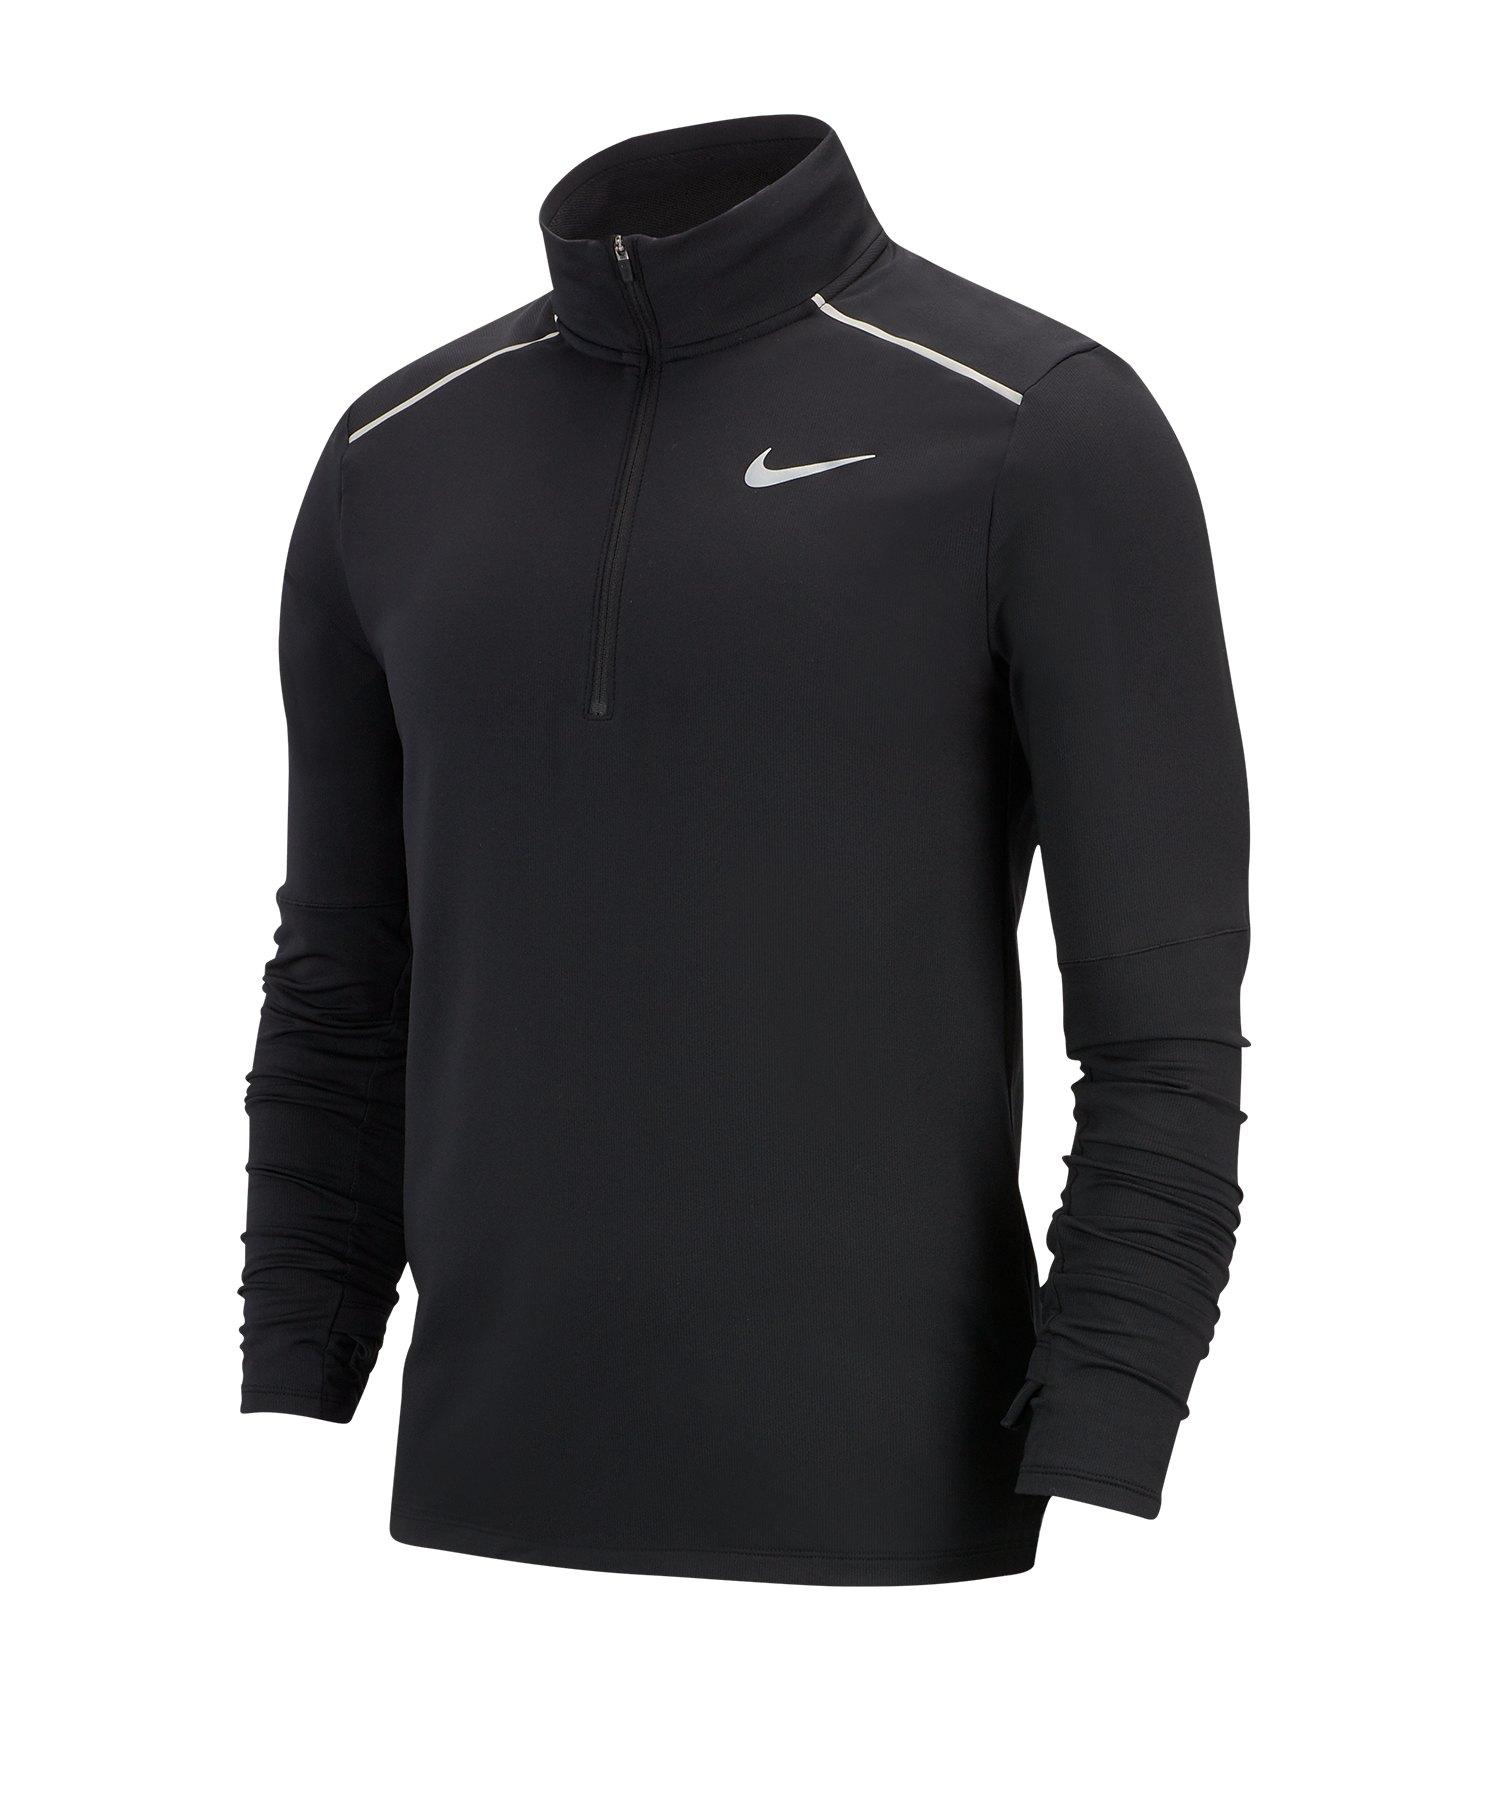 Nike Element 3.0 1/2-Zip Running Top langarm F010 - schwarz